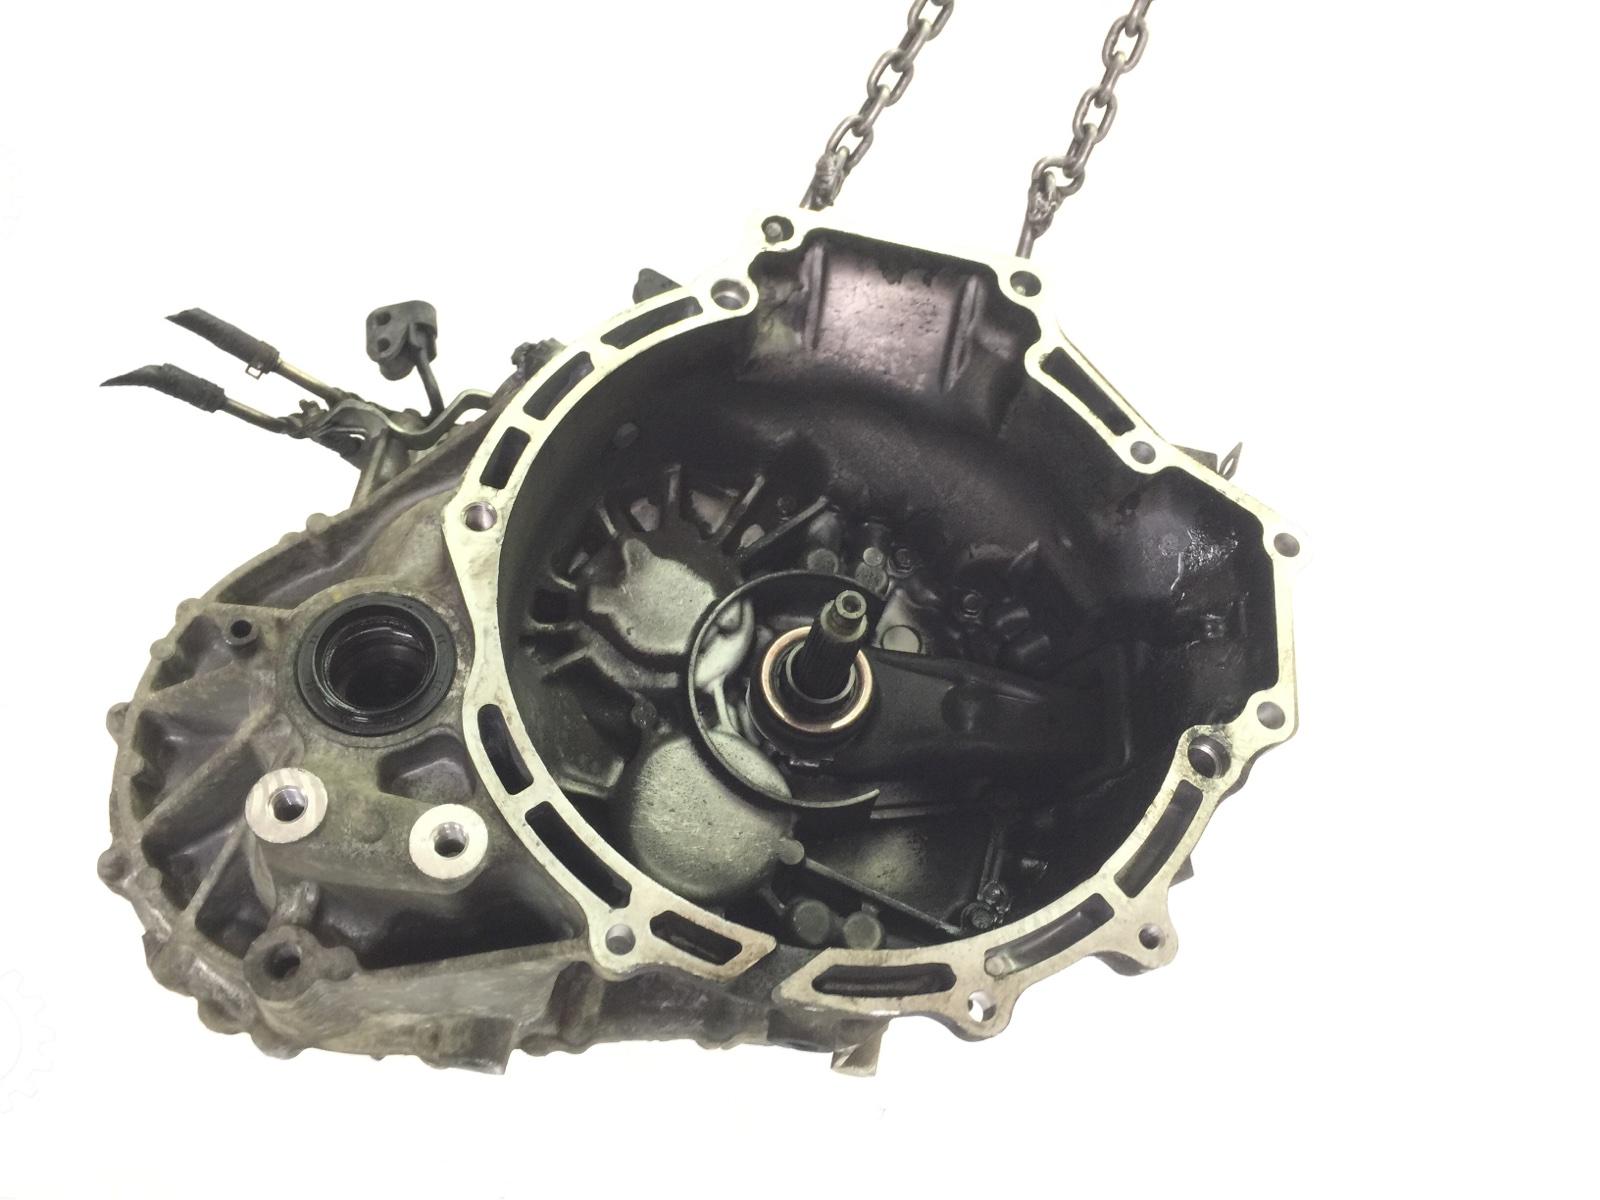 Кпп механическая (мкпп) Mazda 6 2.0 TD 2008 (б/у)